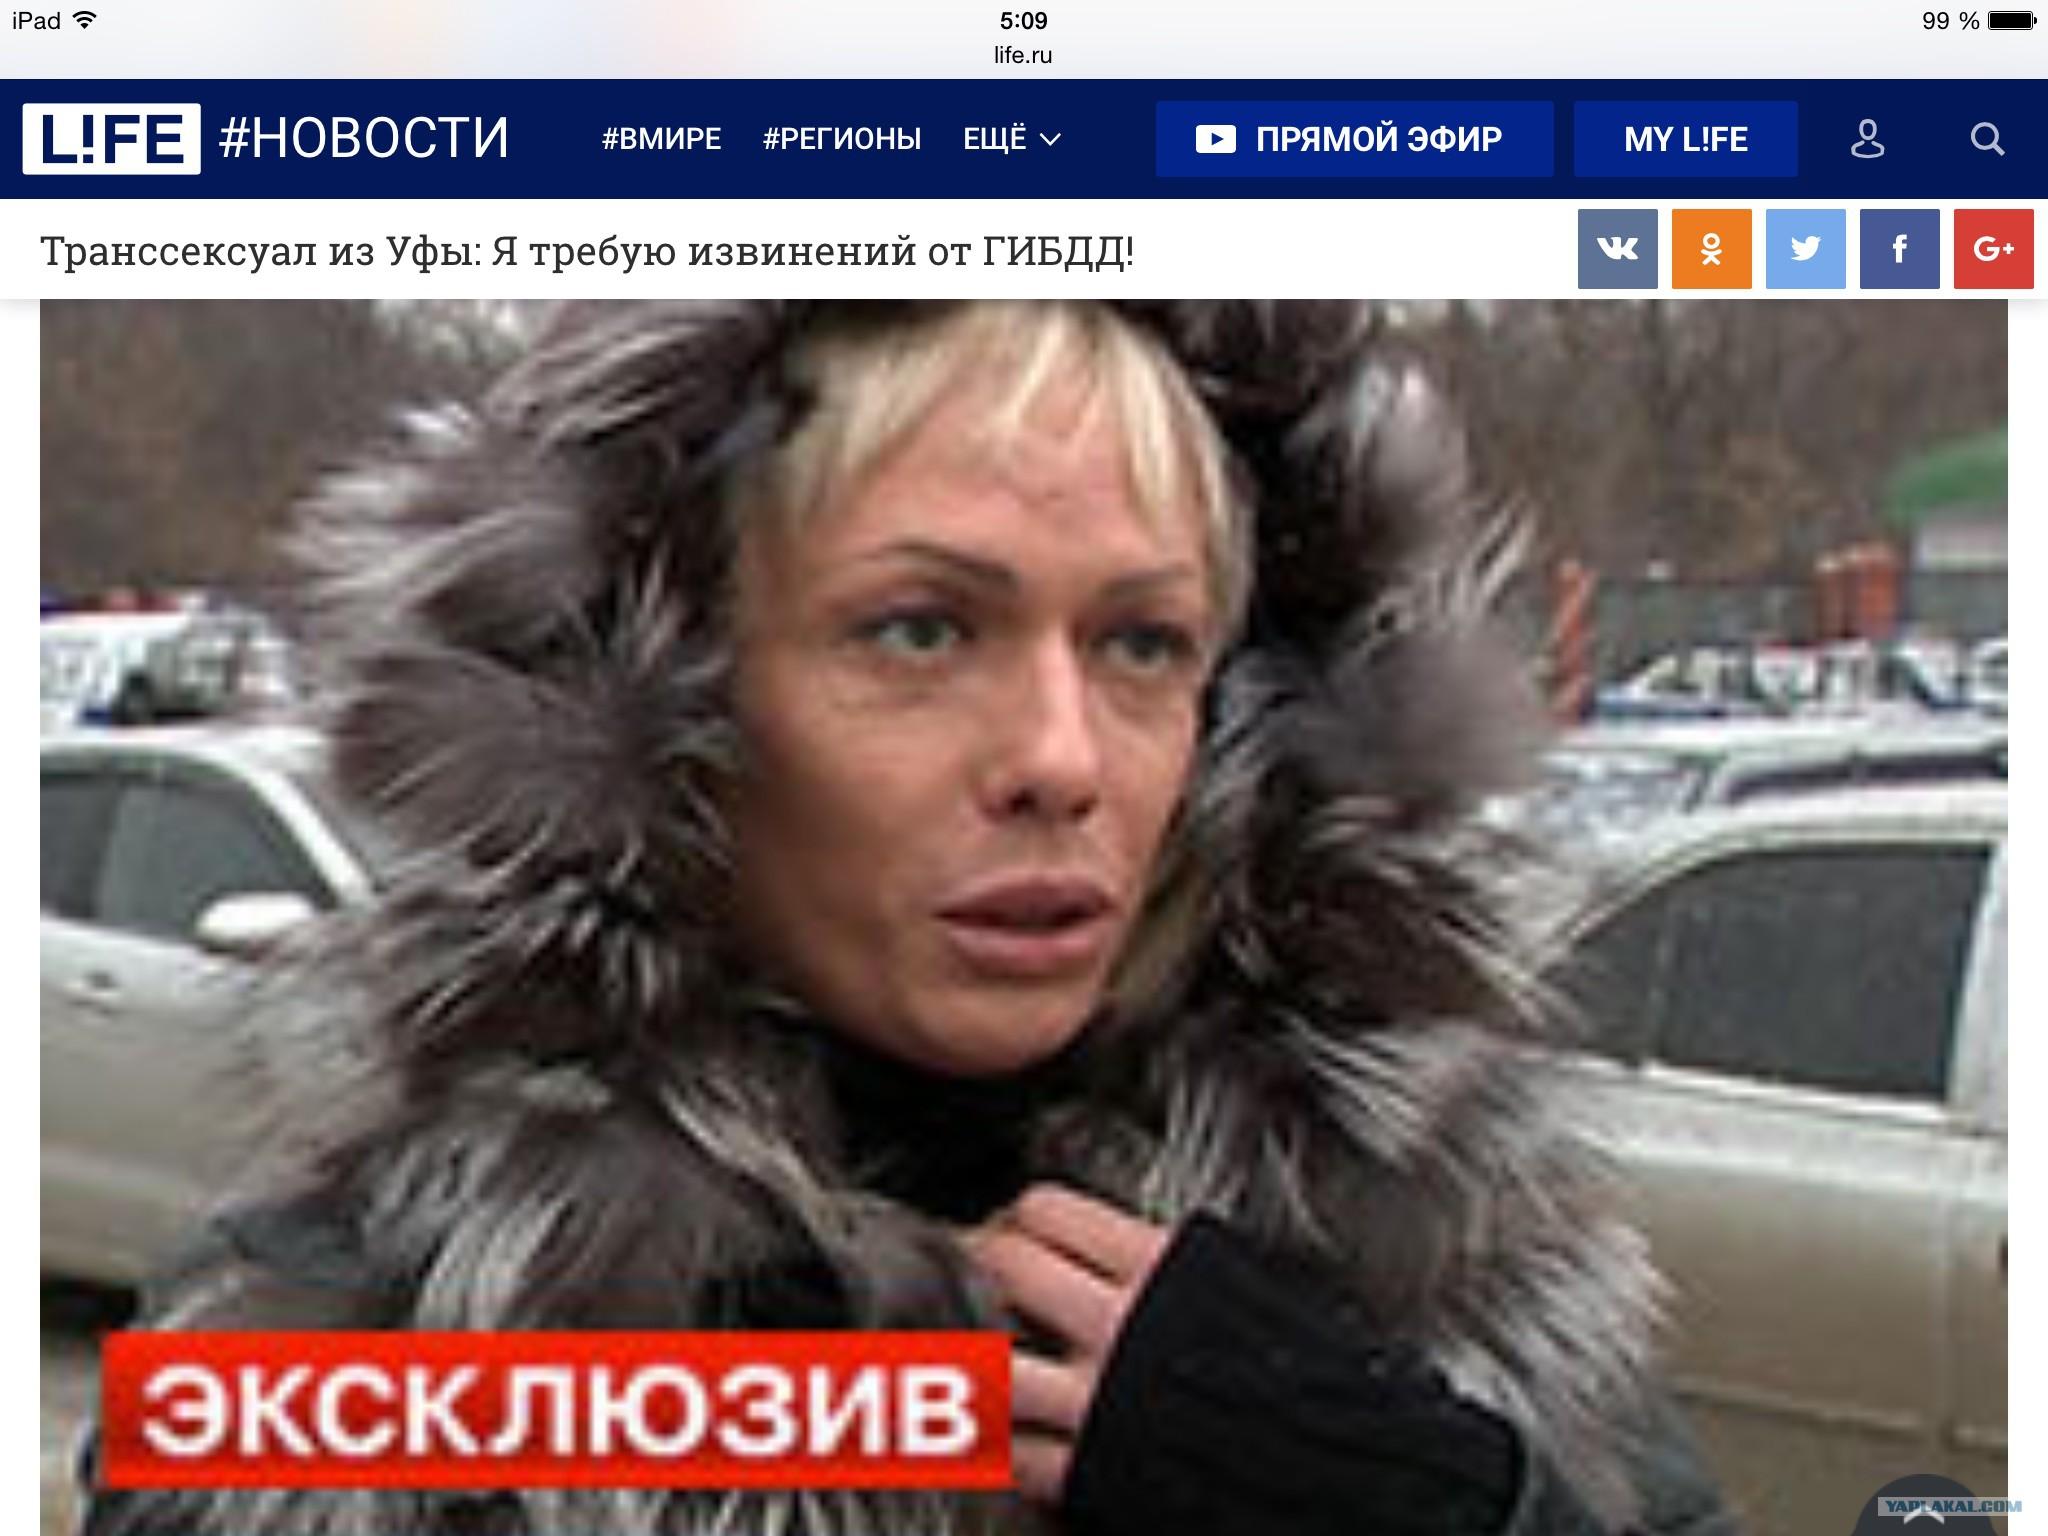 знакомства онлайн бесплатно без регистрации новосибирск